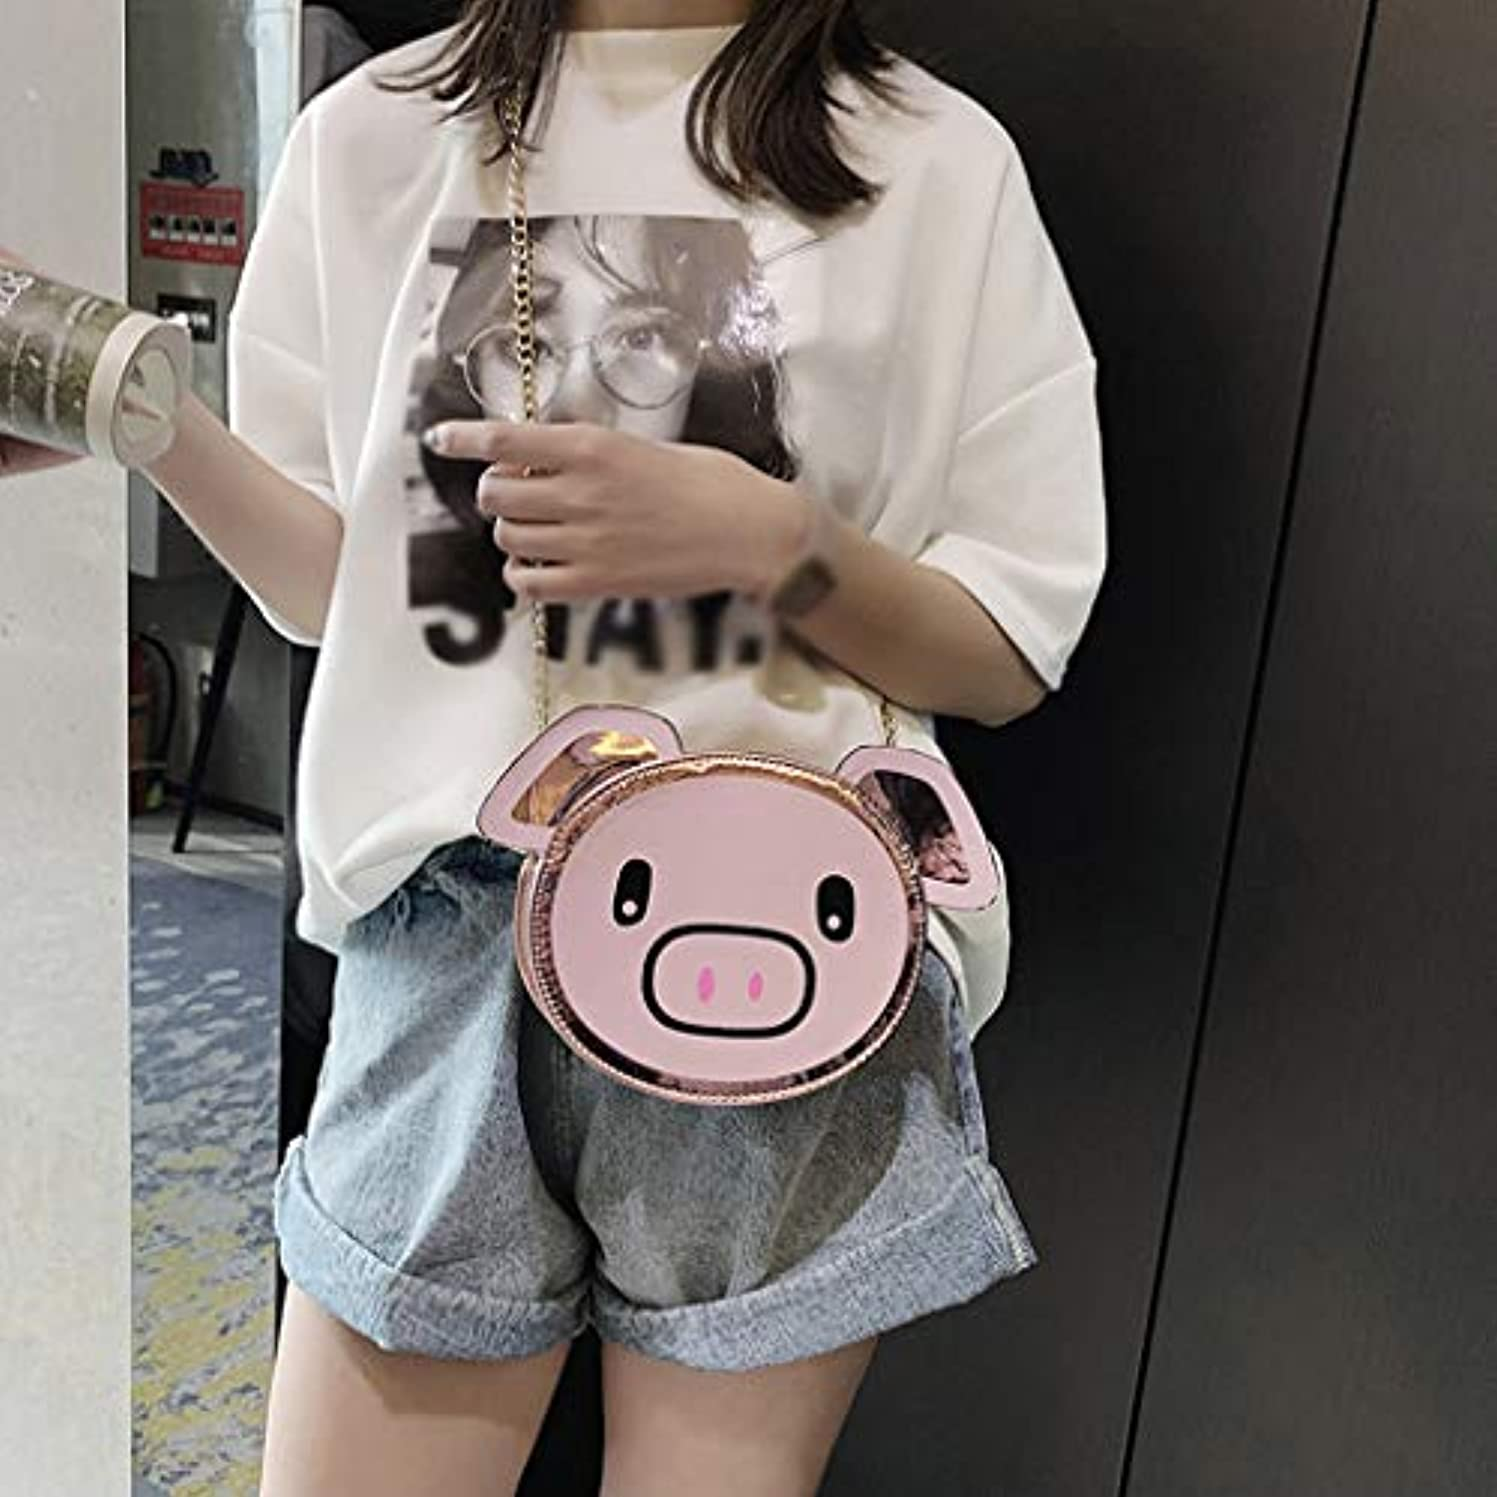 サドル撤退バーファッション女の子革チェーン野生のかわいい漫画豚肩メッセンジャーバッグ、女の子チェーン野生のかわいい豚肩メッセンジャーバッグ (ピンク)